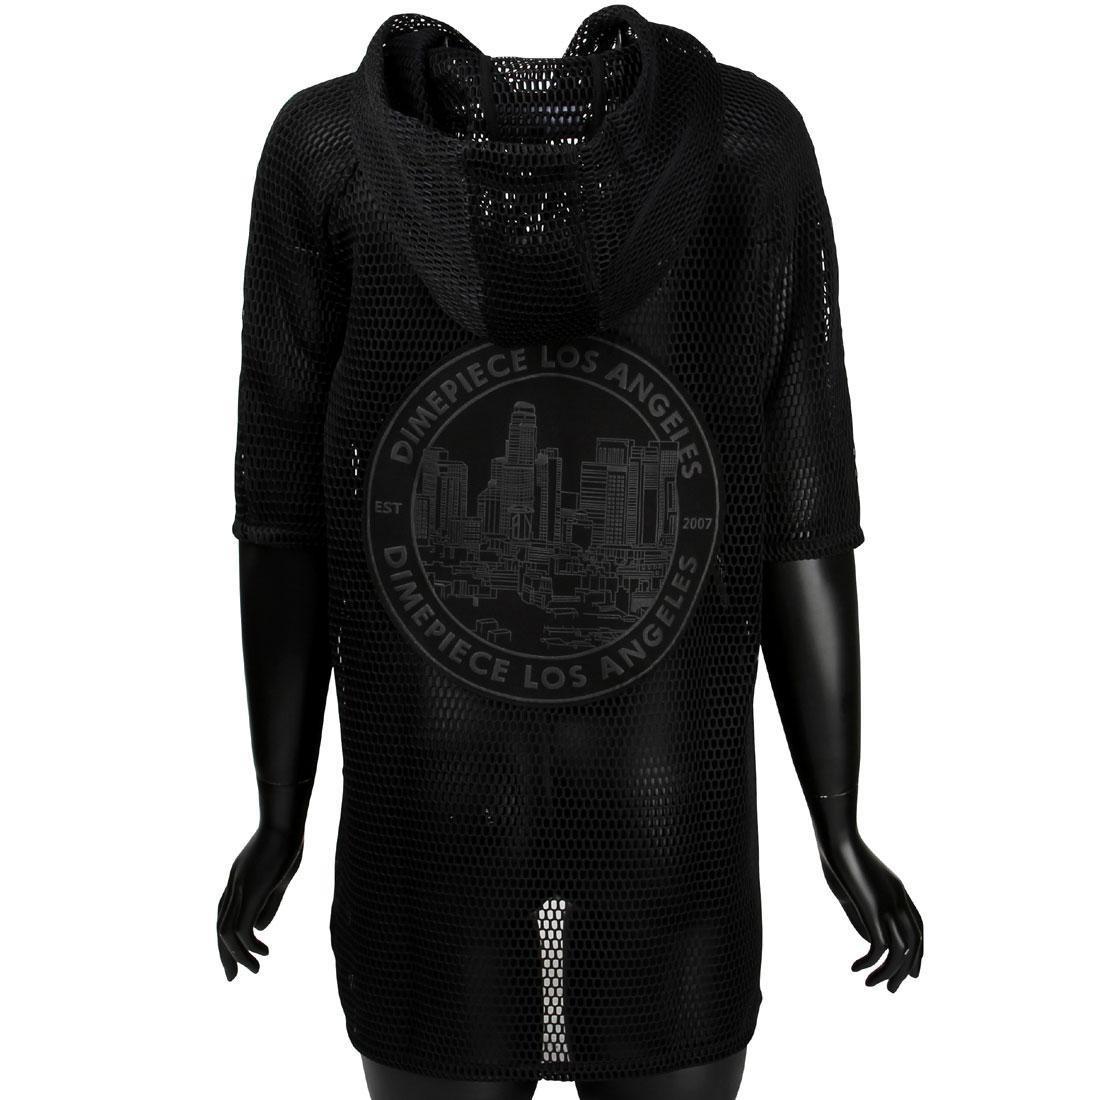 Dimepiece Women Dimepiece Seal Mesh Poncho Jacket (black)